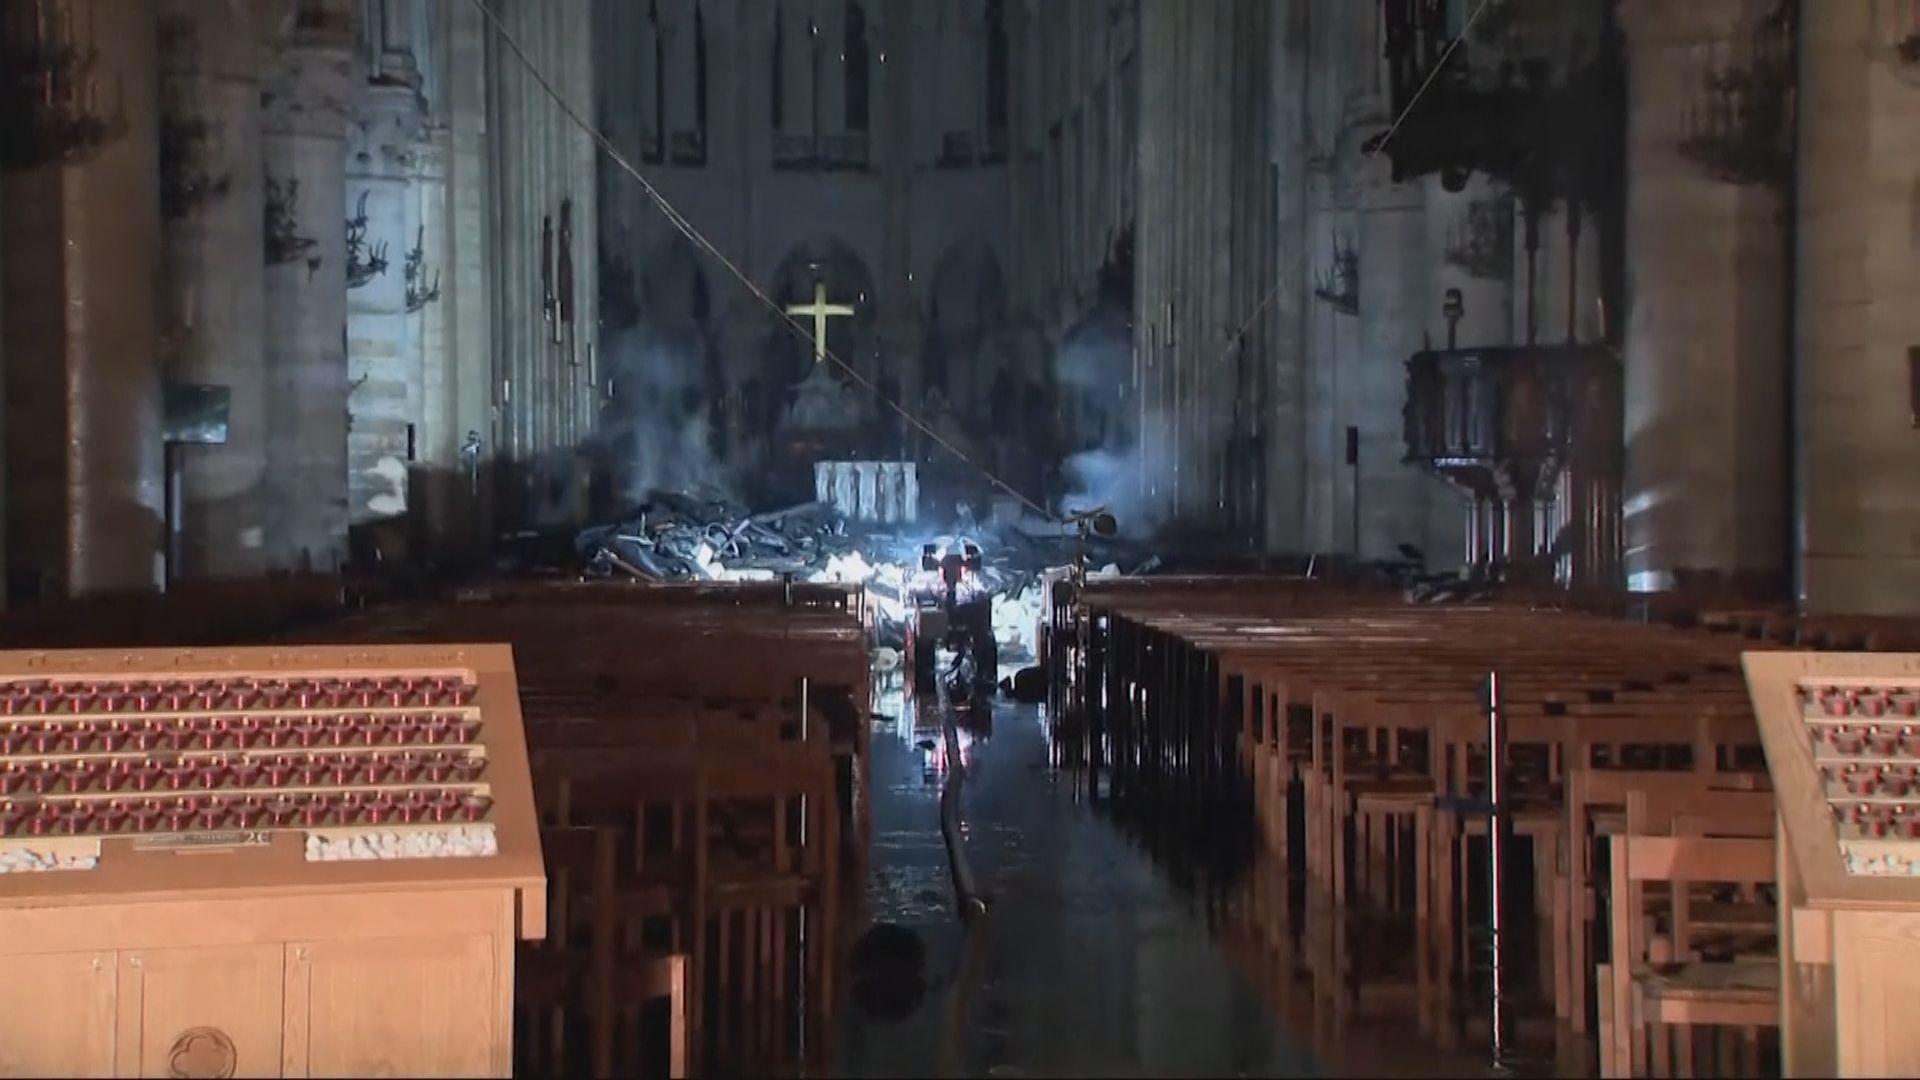 巴黎聖母院大火 重要文物轉送羅浮宮暫存